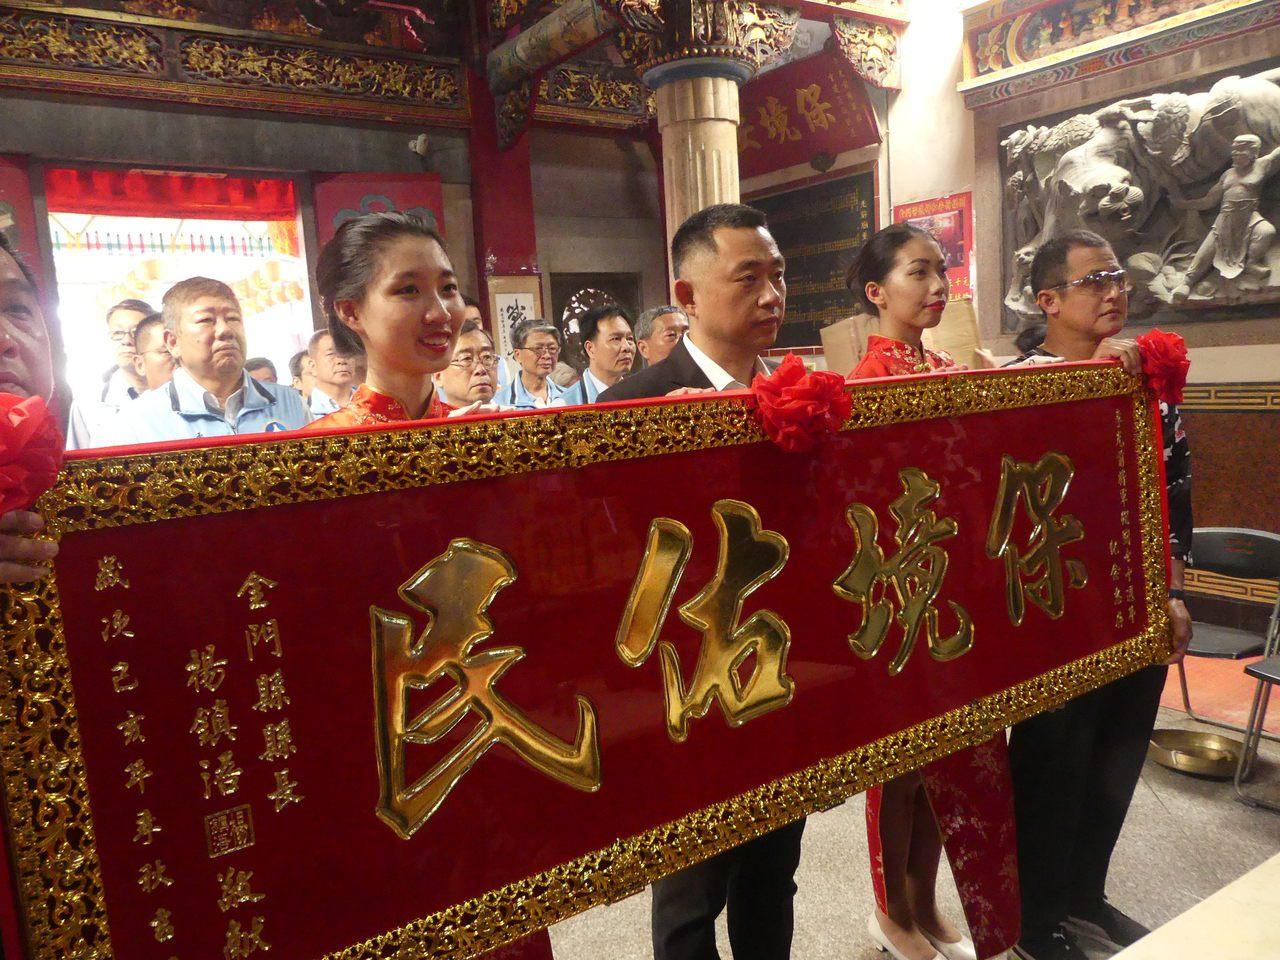 「金門守護神」李光前將軍廟70周年 各界點亮和平燈